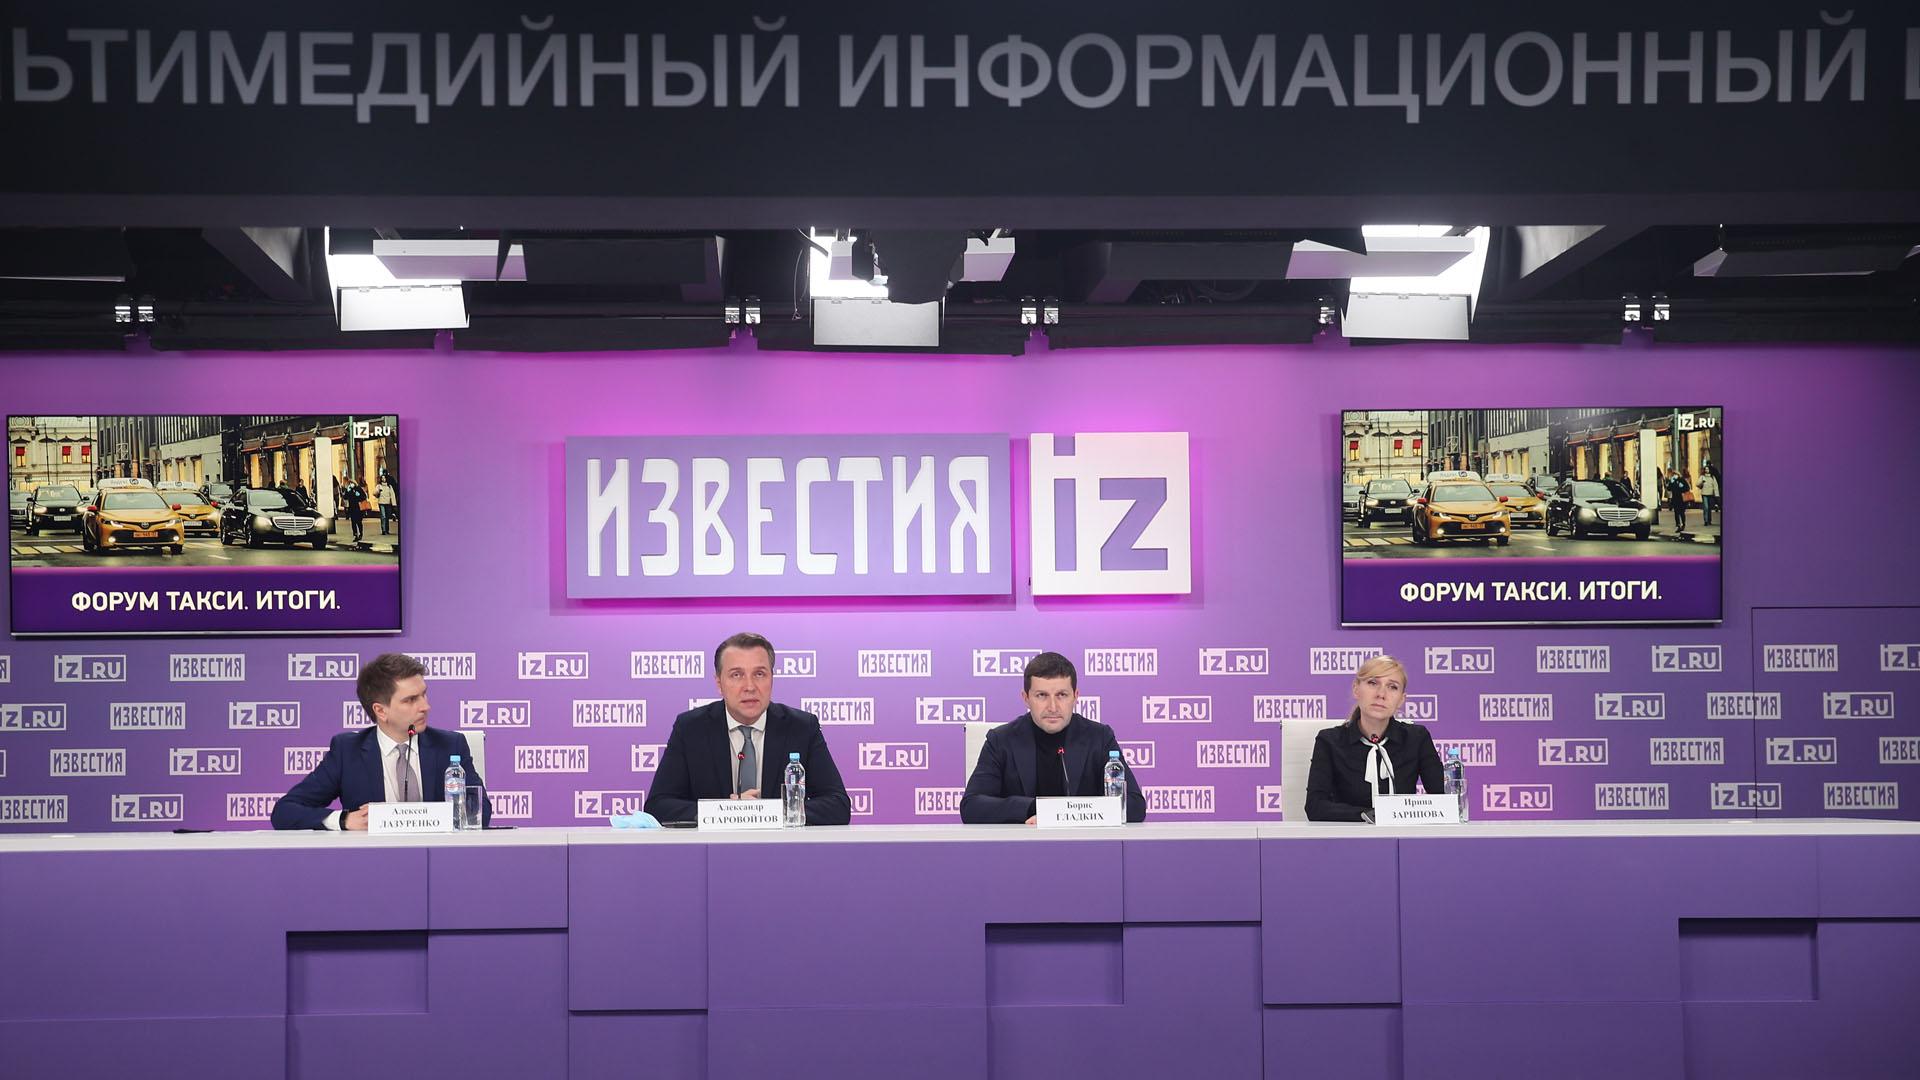 «В течение 2021 года рынок такси войдёт в фазу стабильности»: итоги пресс-конференции МИЦ «Известия»